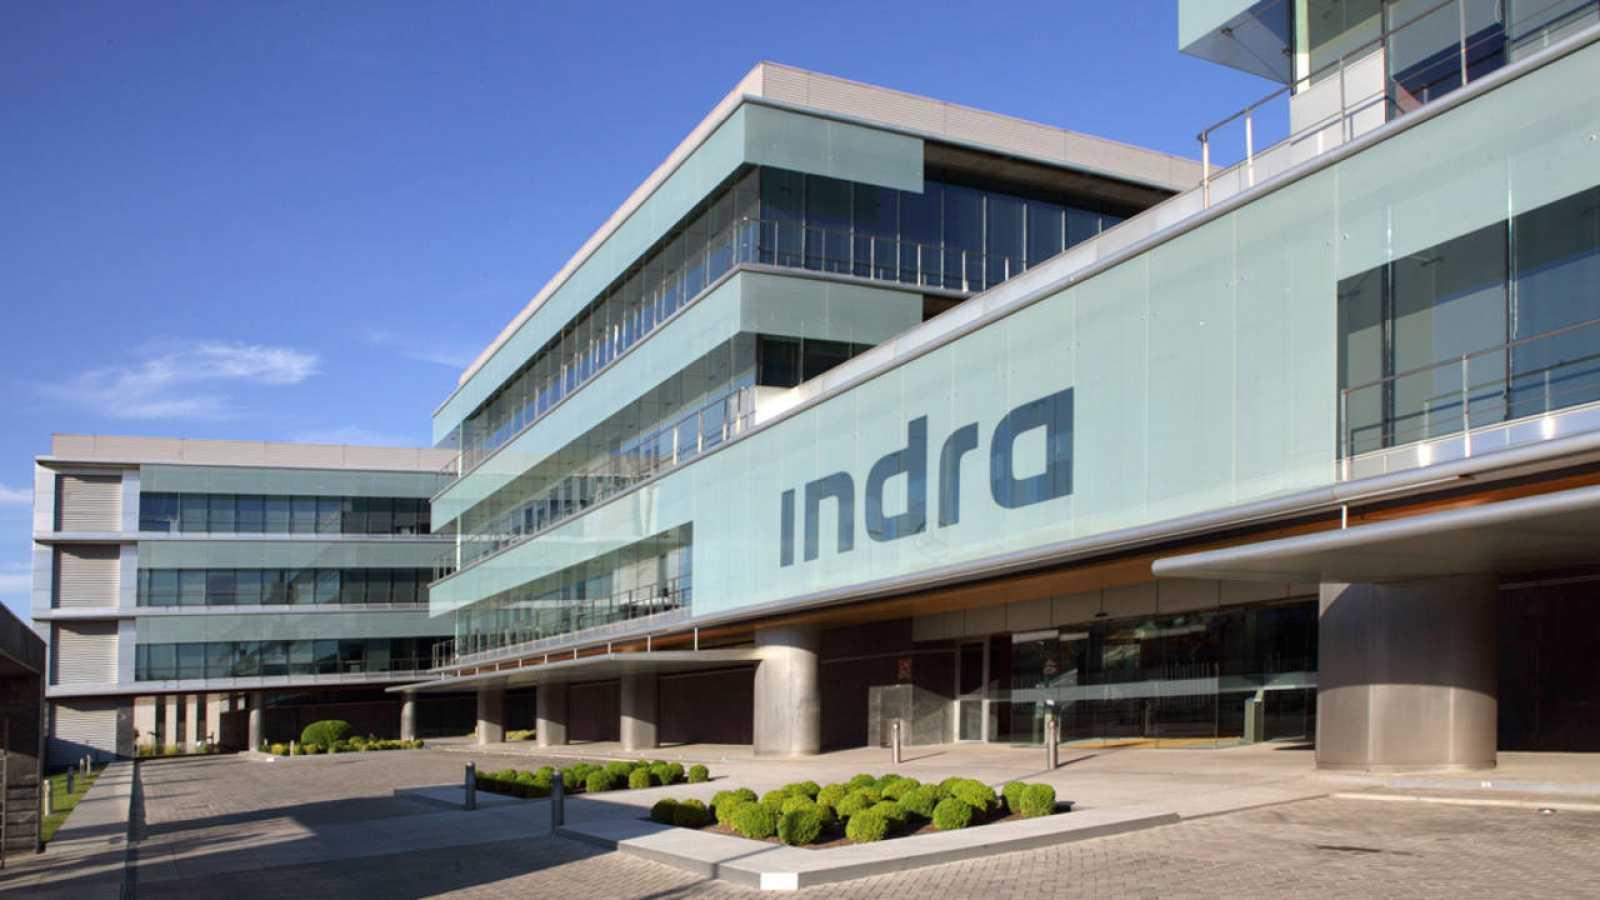 Sede de la empresa Indra en Alcobendas